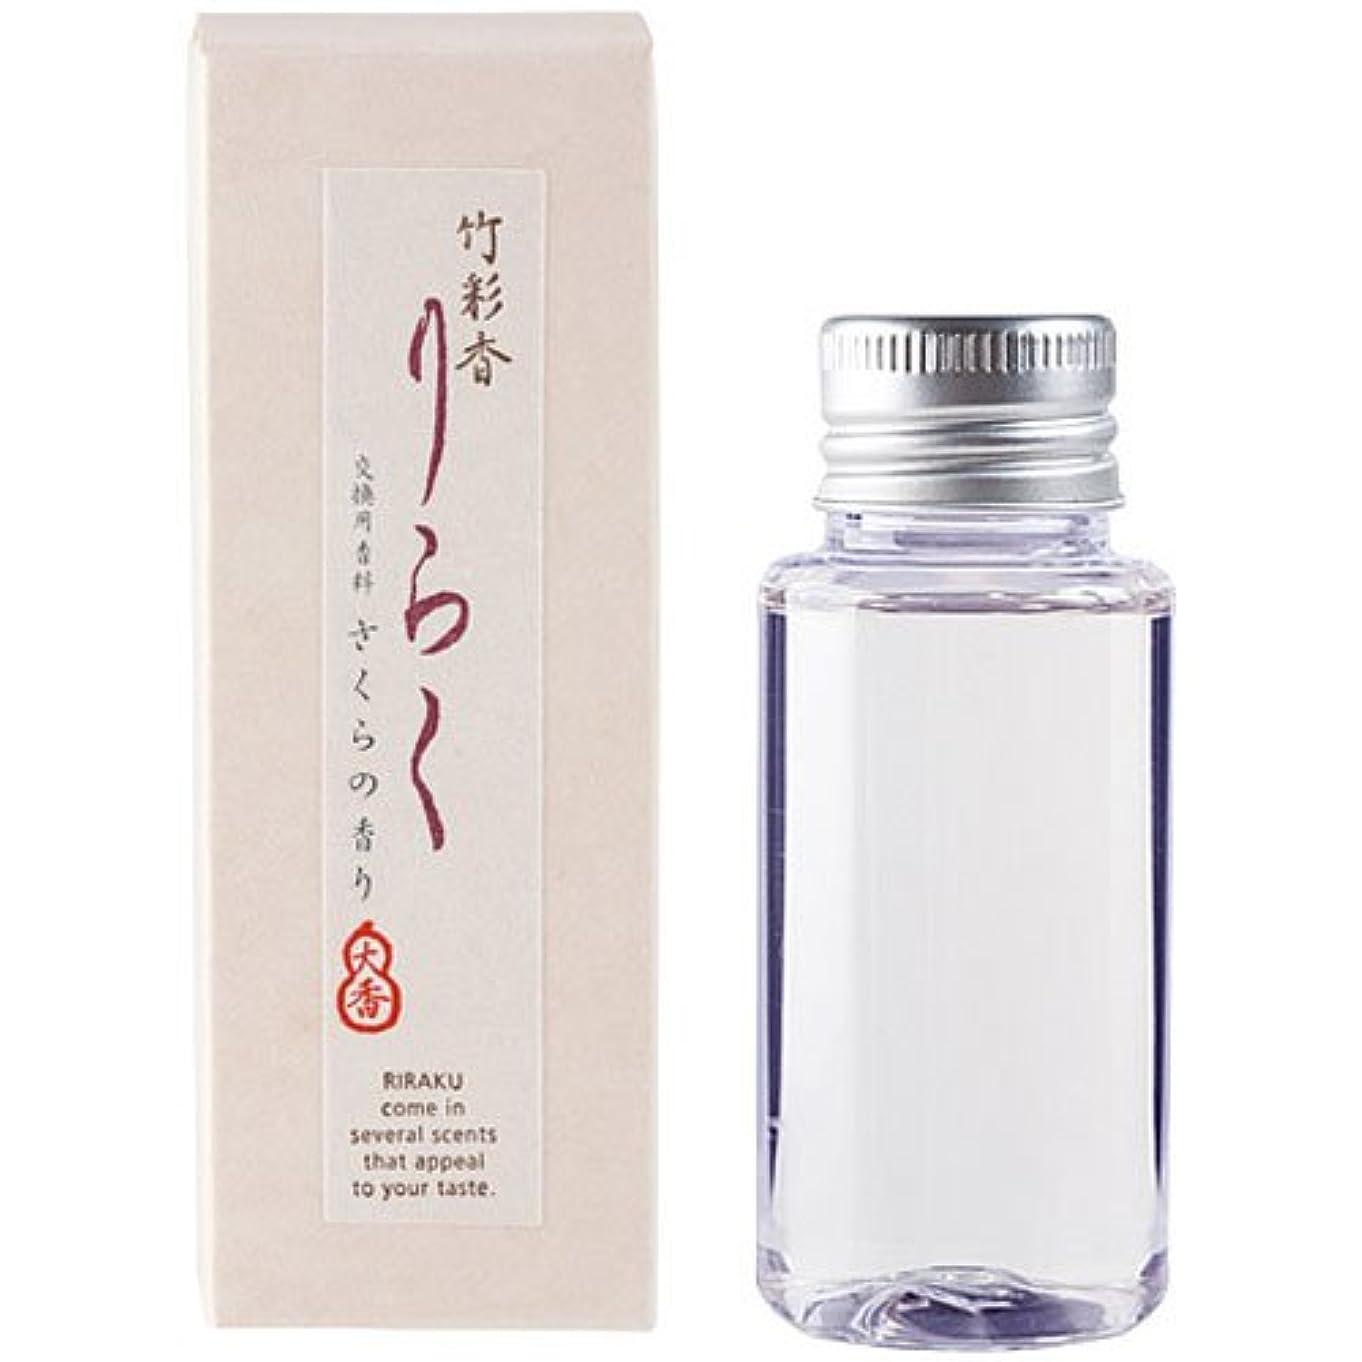 承知しましたメール株式竹彩香りらく 交換用香料さくら 50ml